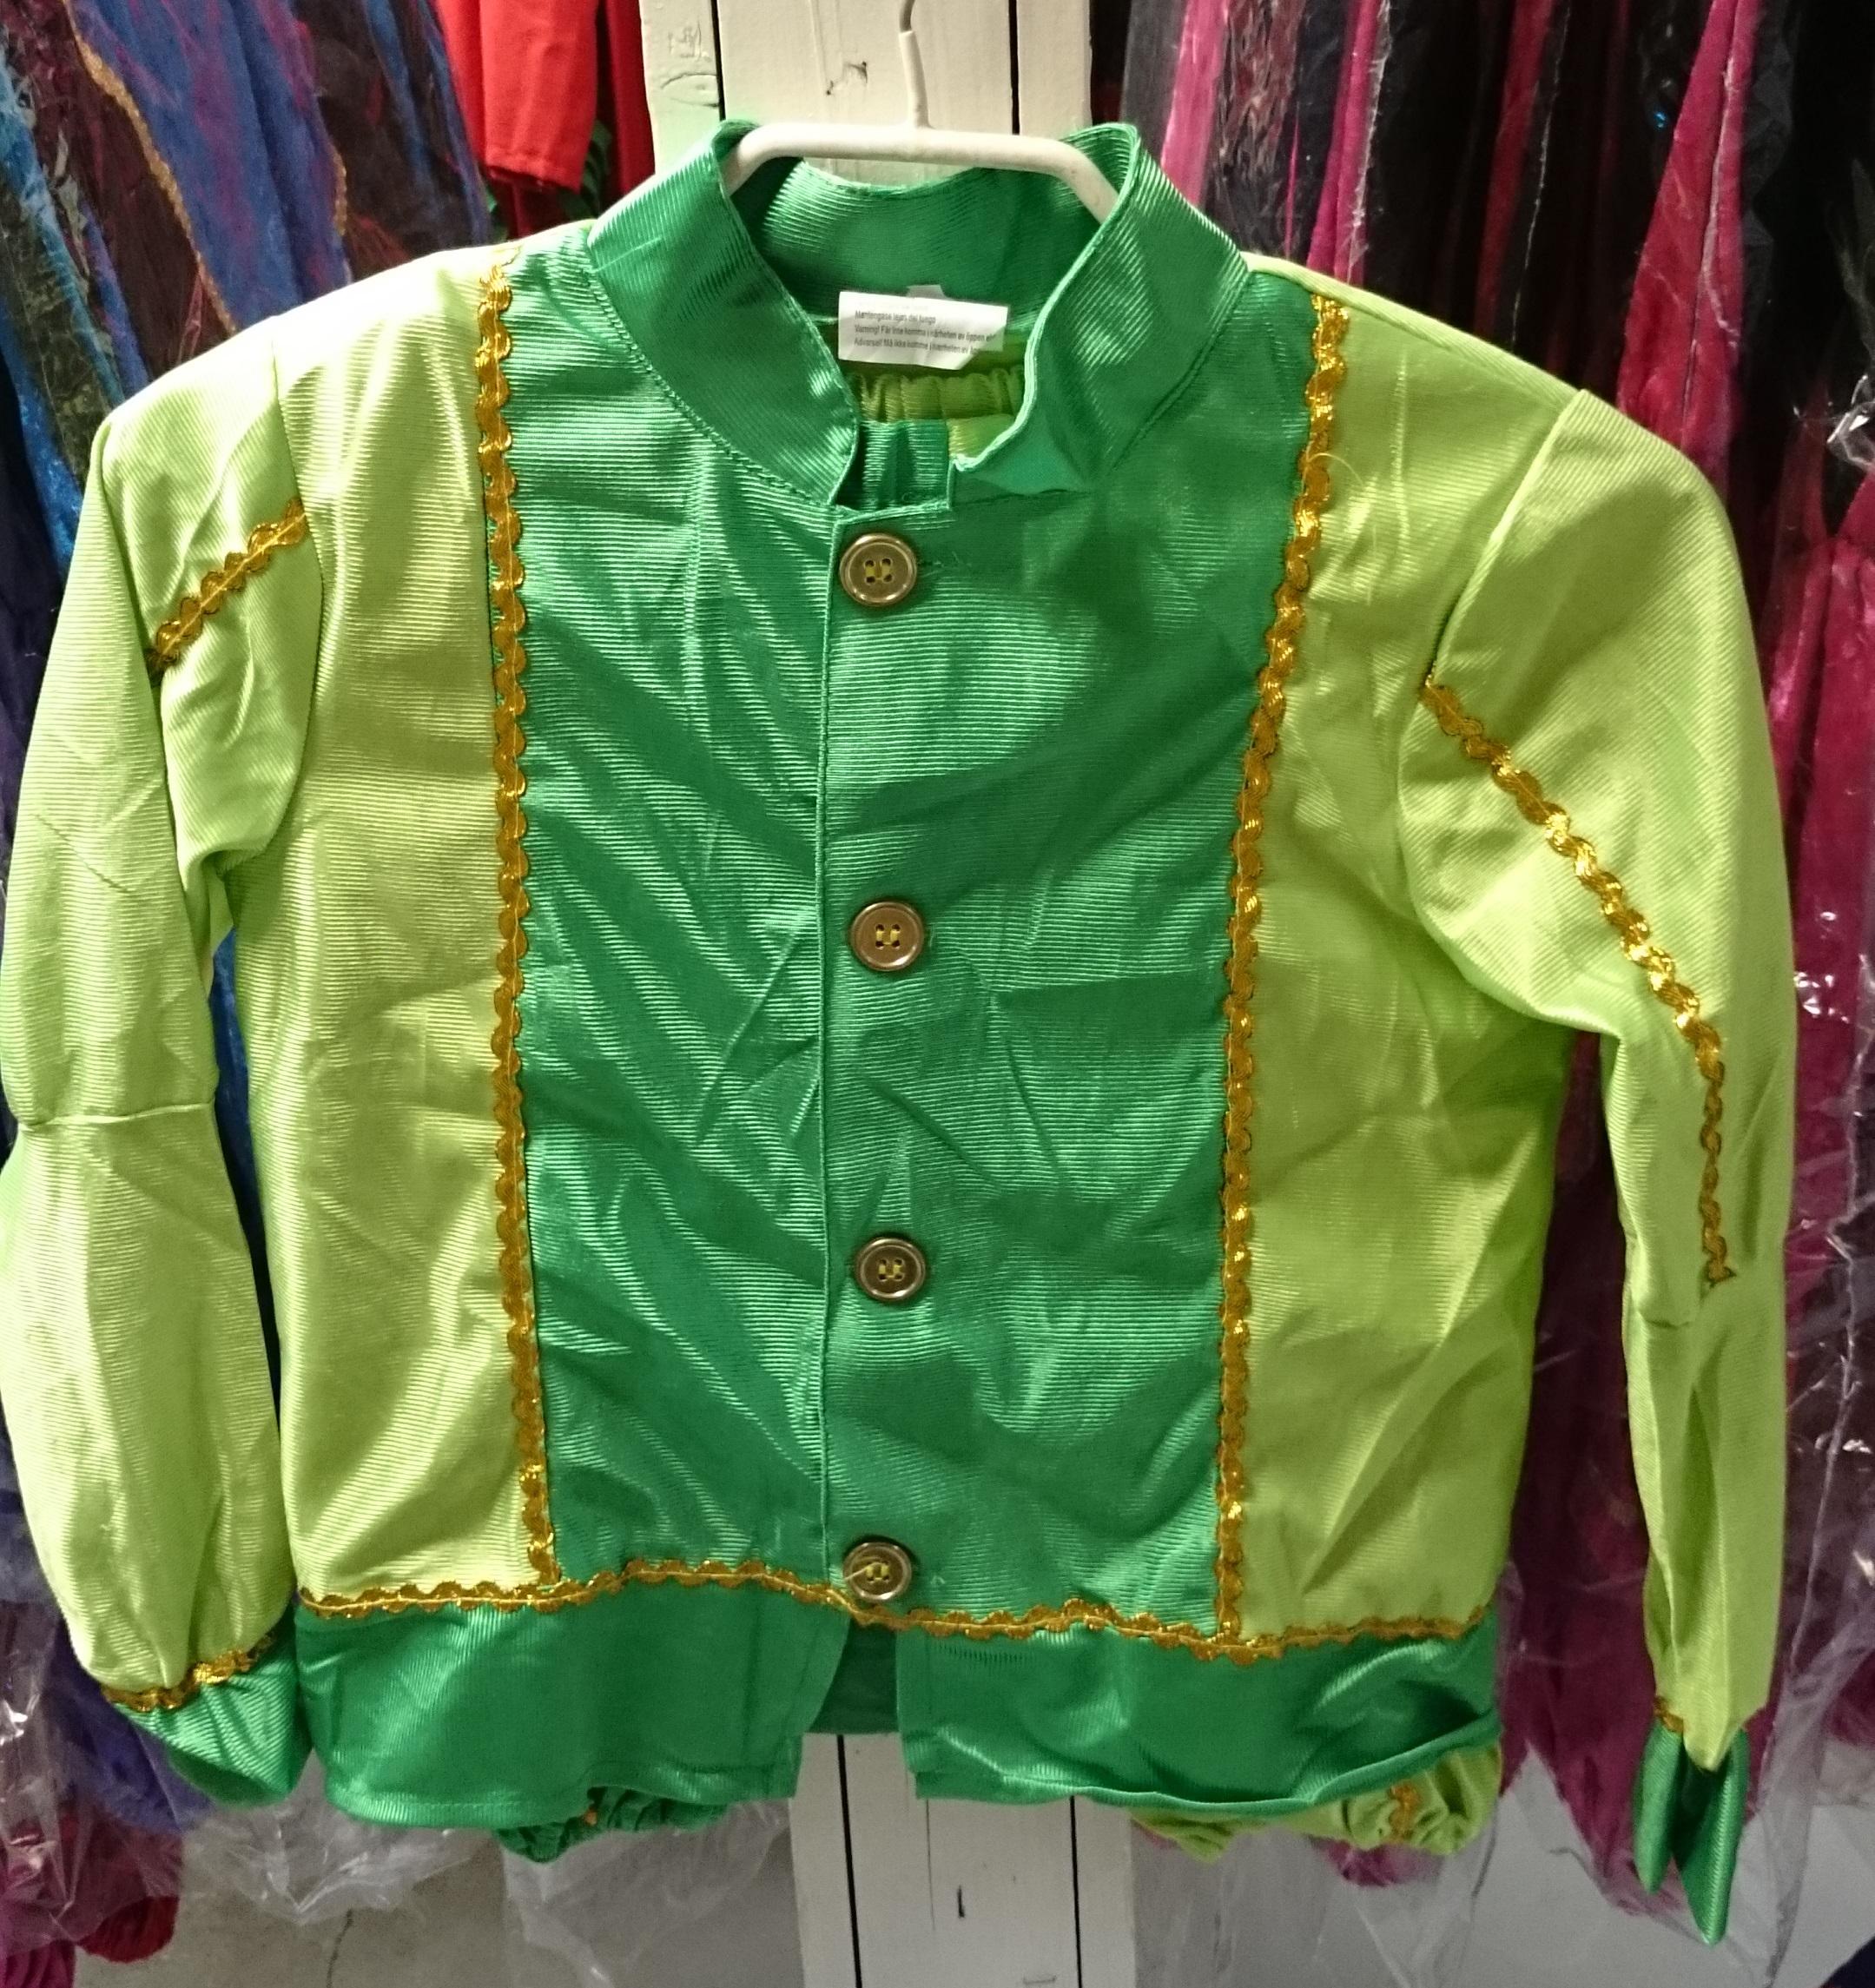 Kinder pietenpak Maat 116 Licht groen/donker groen